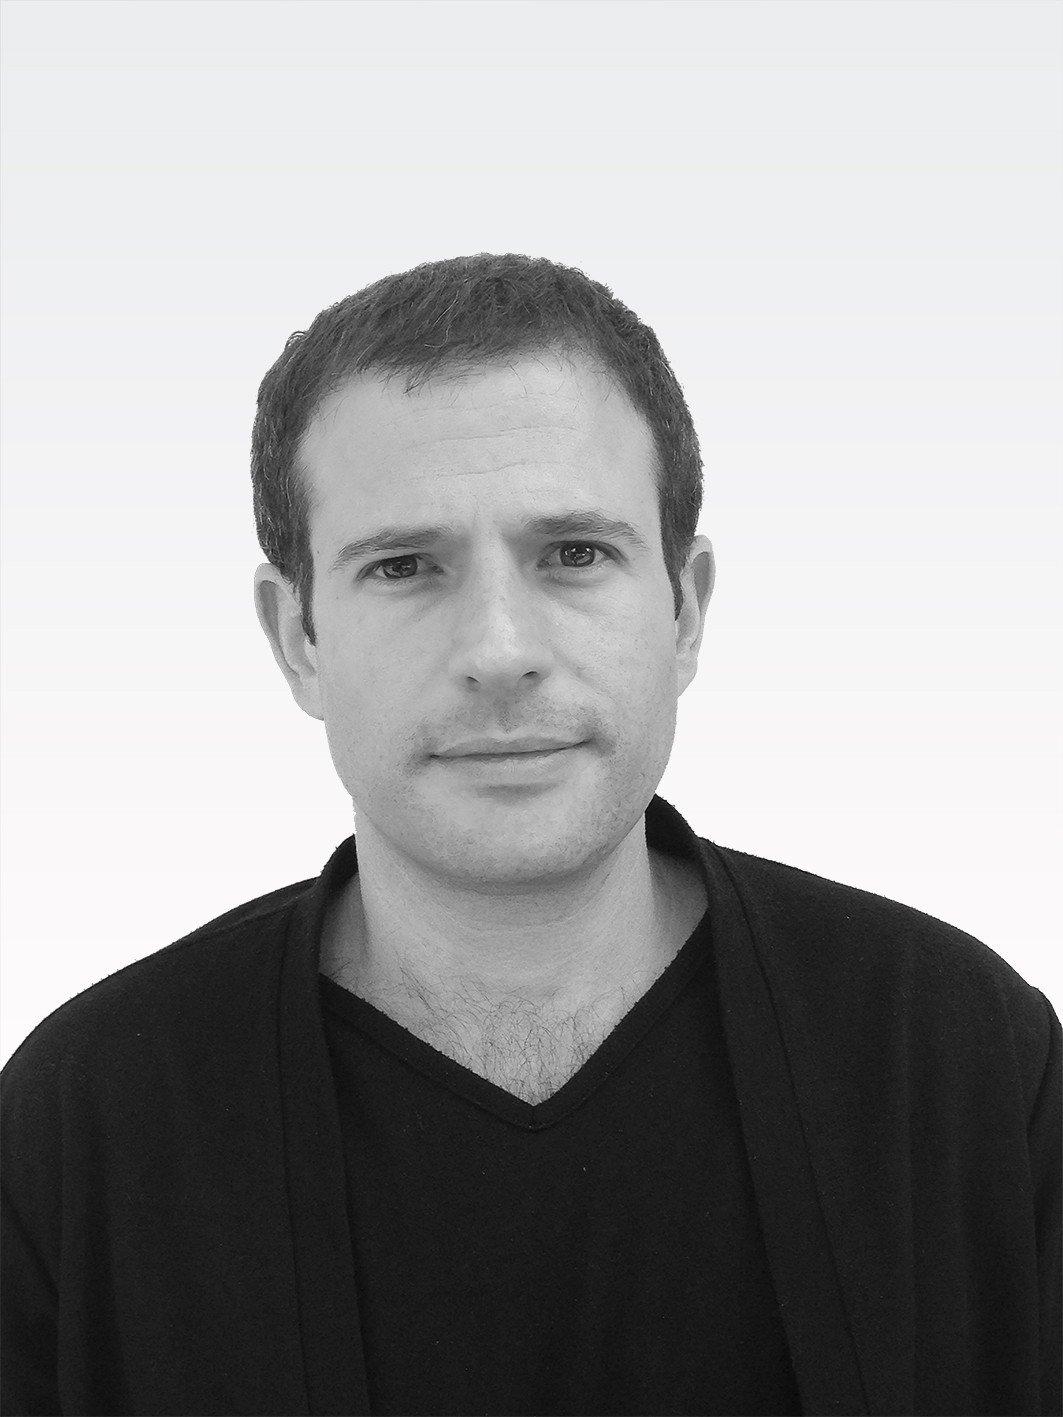 Yaron Shrem